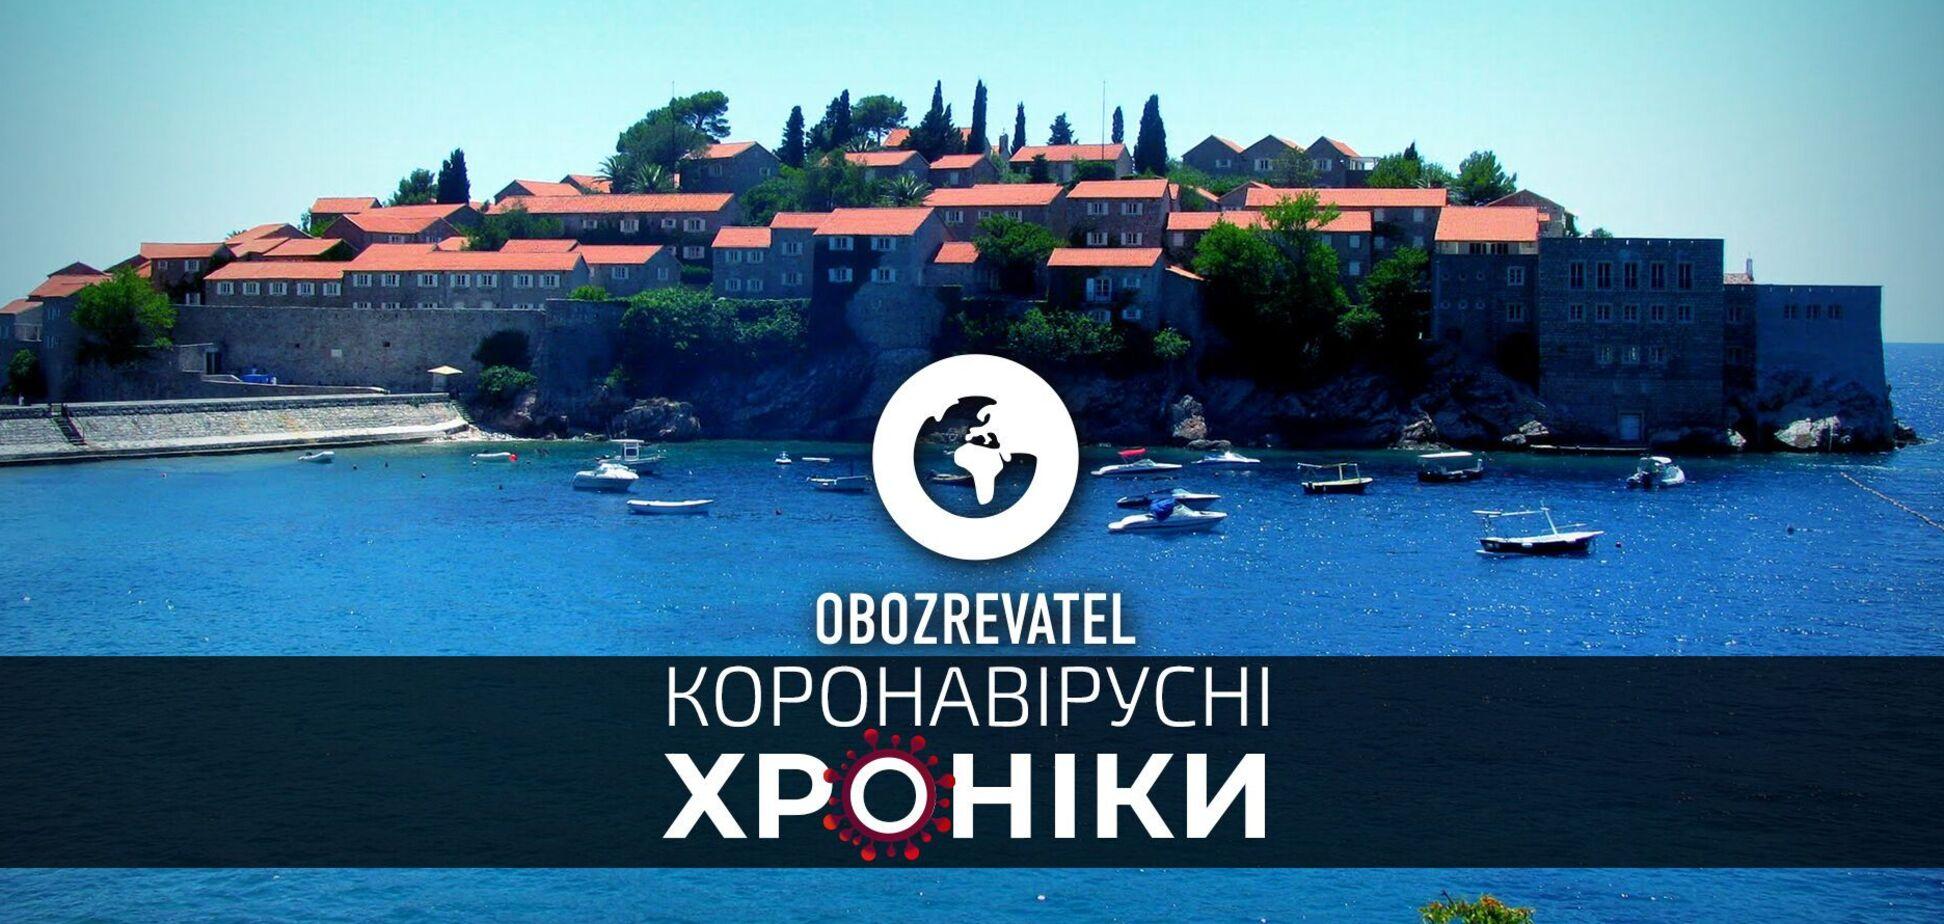 Черногория отменяет все ограничения для украинских туристов, а ВОЗ продолжила режим чрезвычайной ситуации в мире – коронавирусные хроники